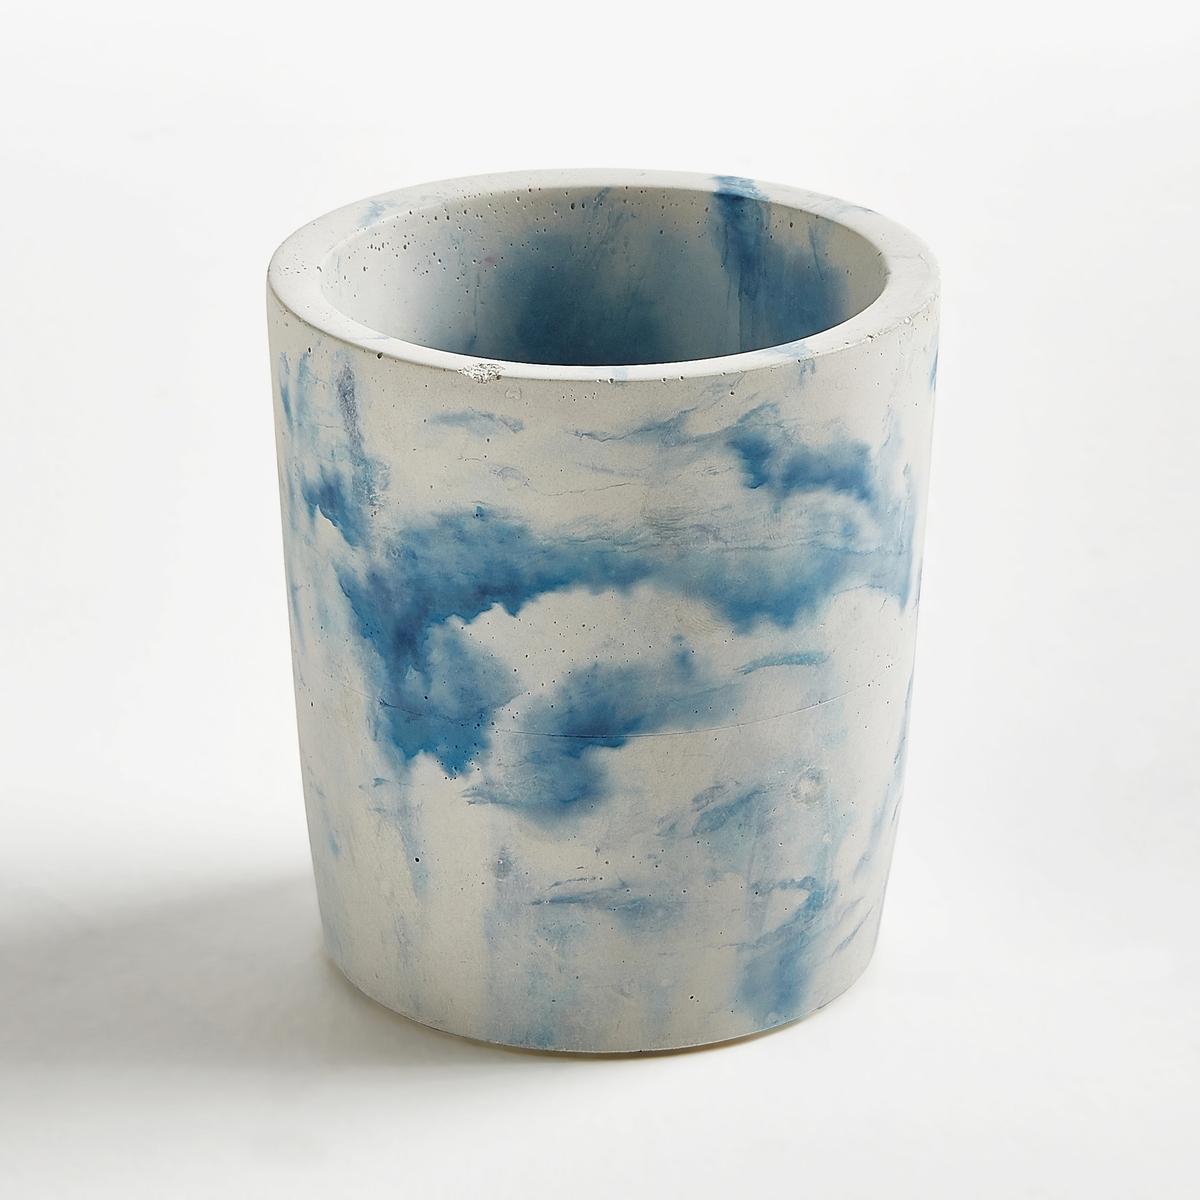 Кашпо под мрамор, диаметр 12 см, AngermanКашпо Angerman. Это модное кашпо из мрамора, которое можно использовать в доме и на улице, добавит ярких красок Вашему декору.Характеристики :- Из окрашенного бетона под мрамор- Ручная работа, каждый мраморный рисунок уникален.Размеры: - диаметр 12 x высота 13,5 см<br><br>Цвет: белый/ синий